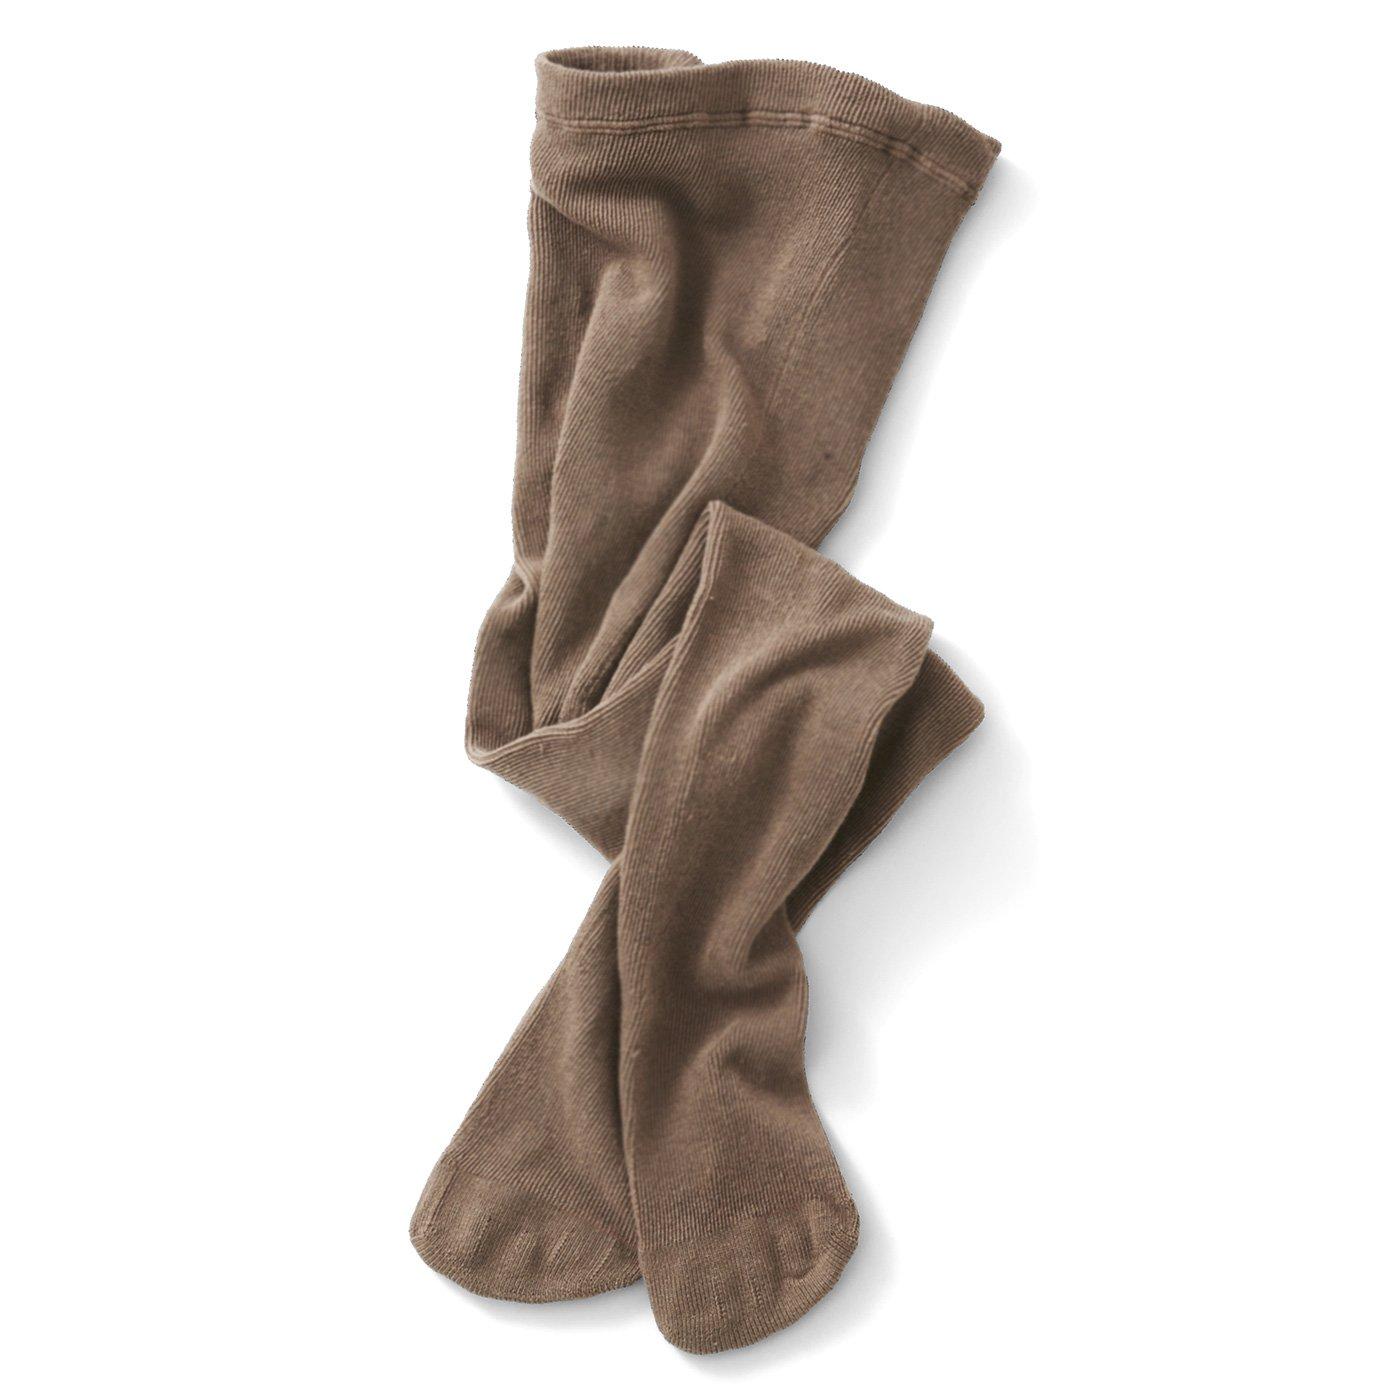 お肌に伸びやかフィット 足先綿の隠れ5本指タイツの会